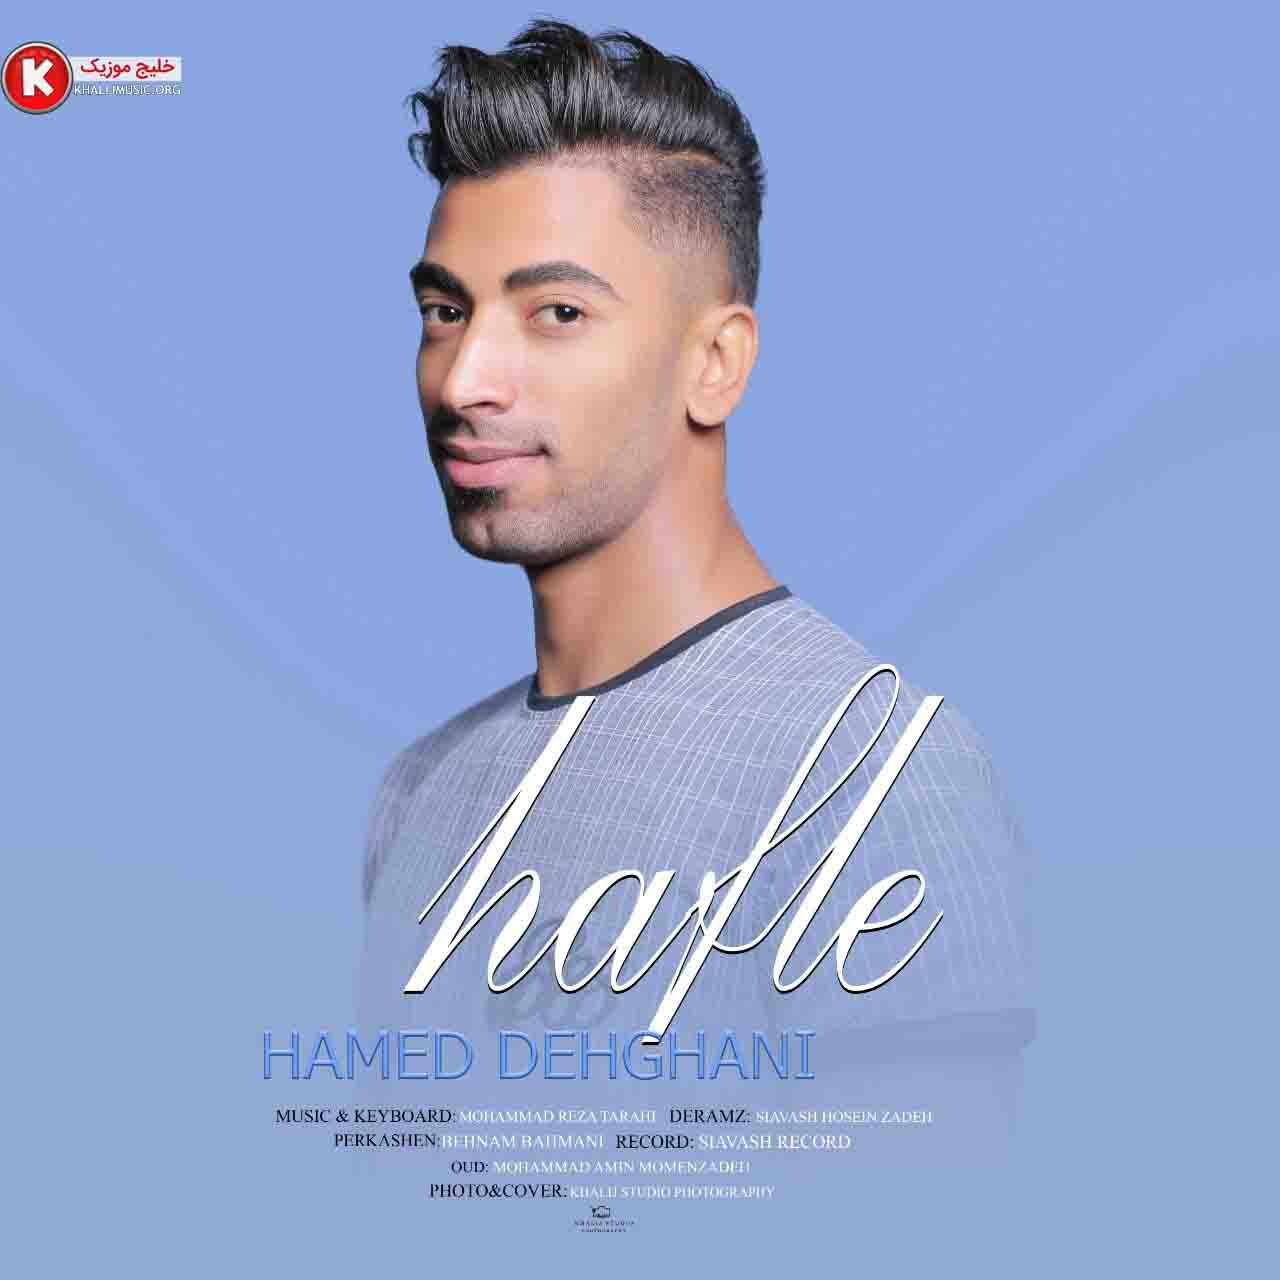 حامد دهقانی دانلود آهنگ جدید اجرای زنده و بسیار زیبا و شنیدنی بصورت حفله